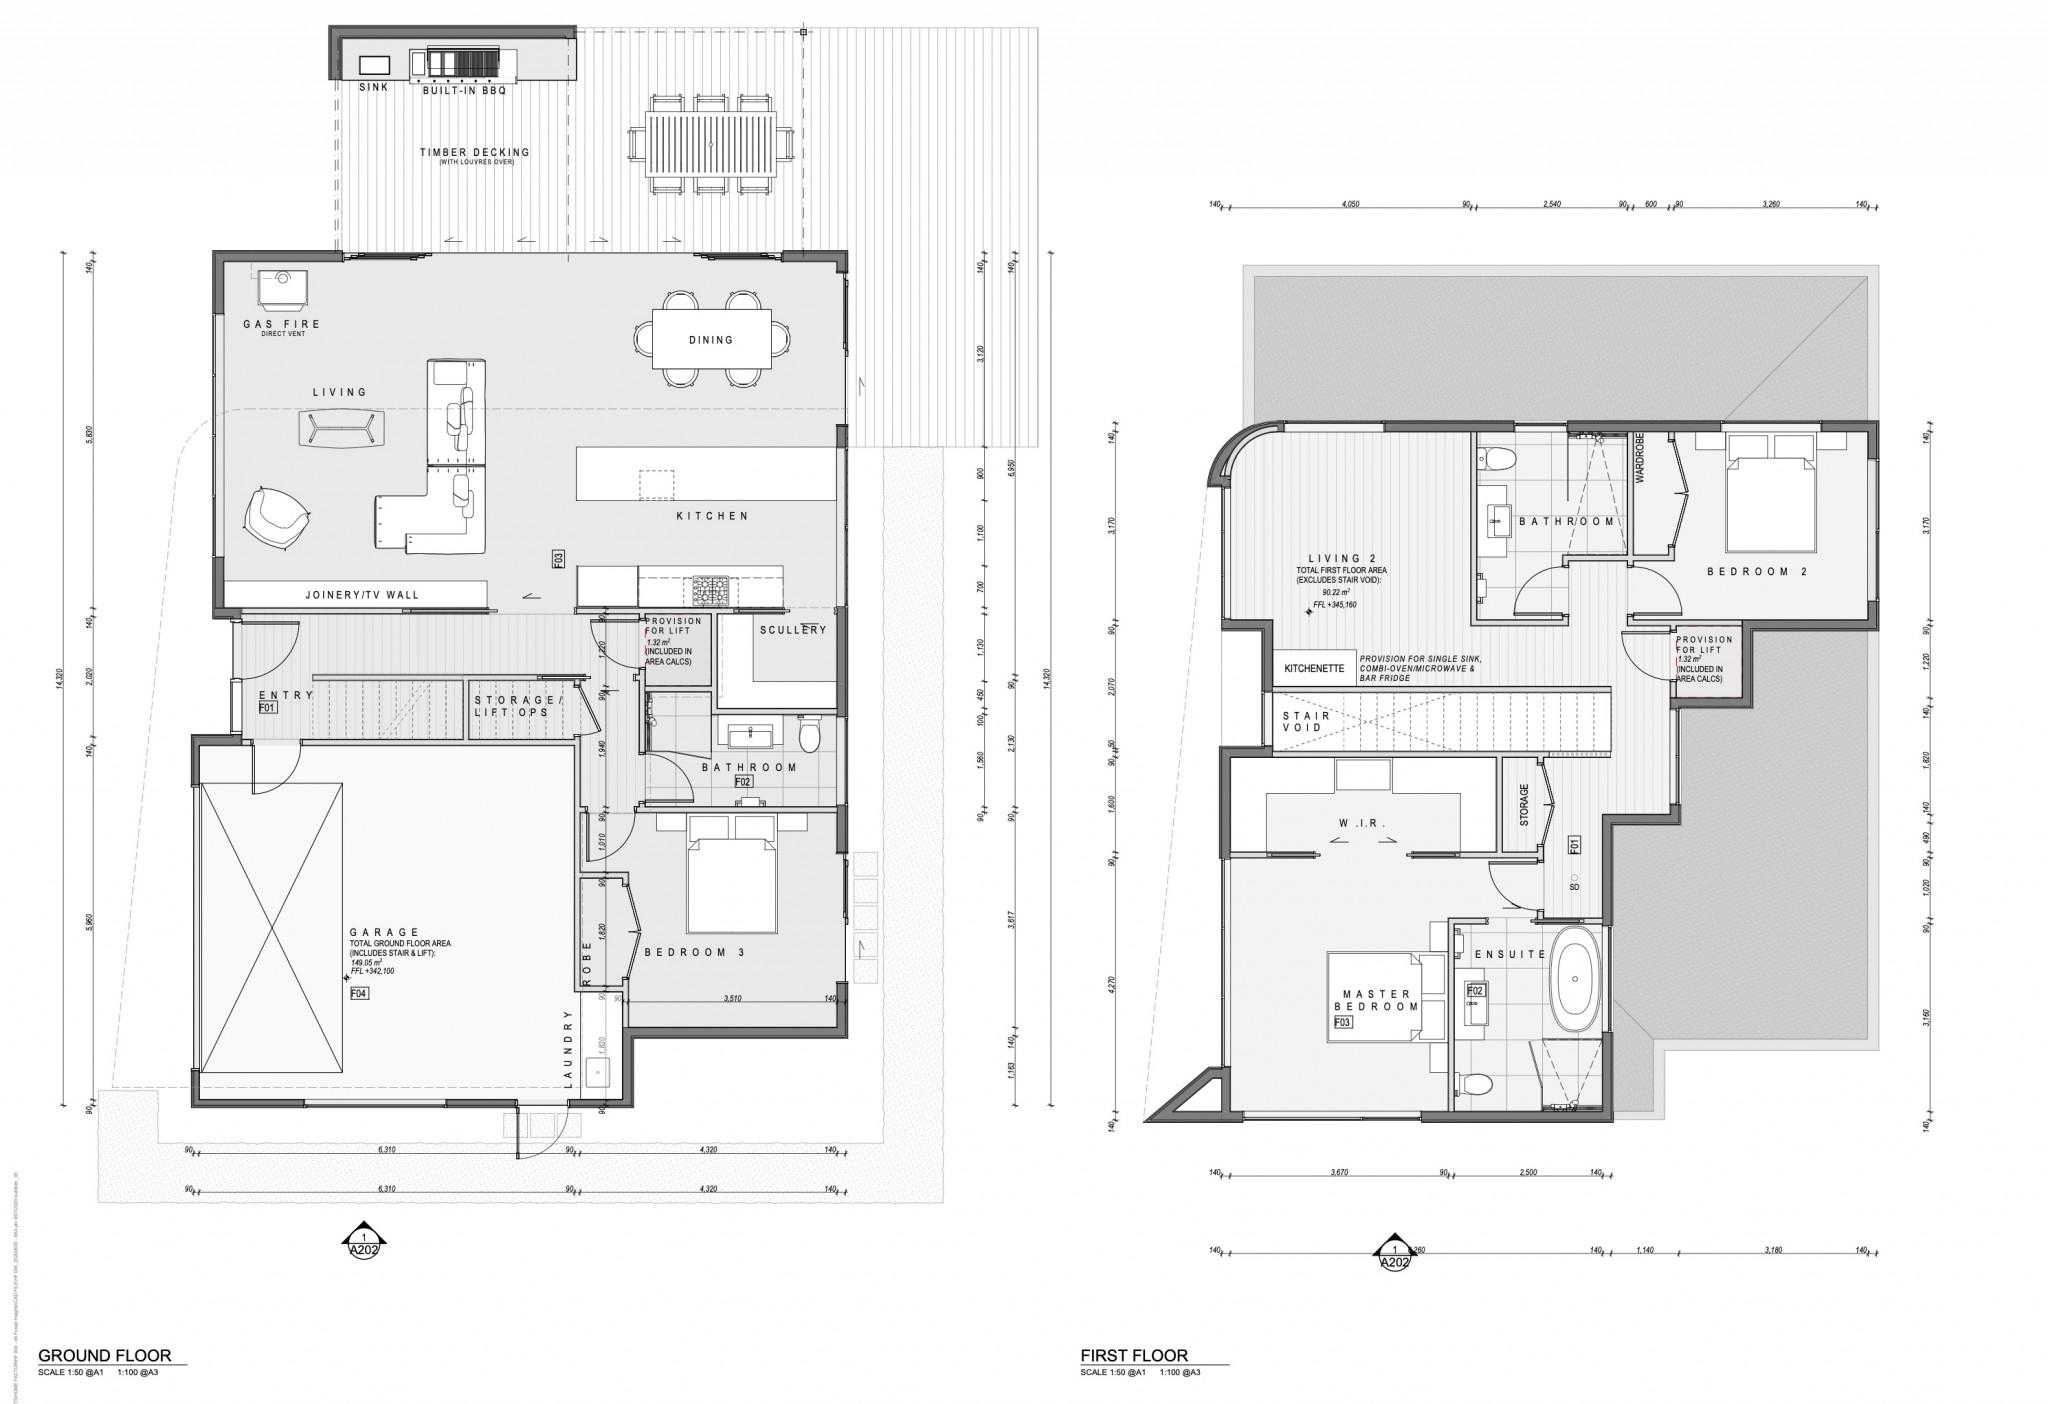 Design and Build floor plan - Beech